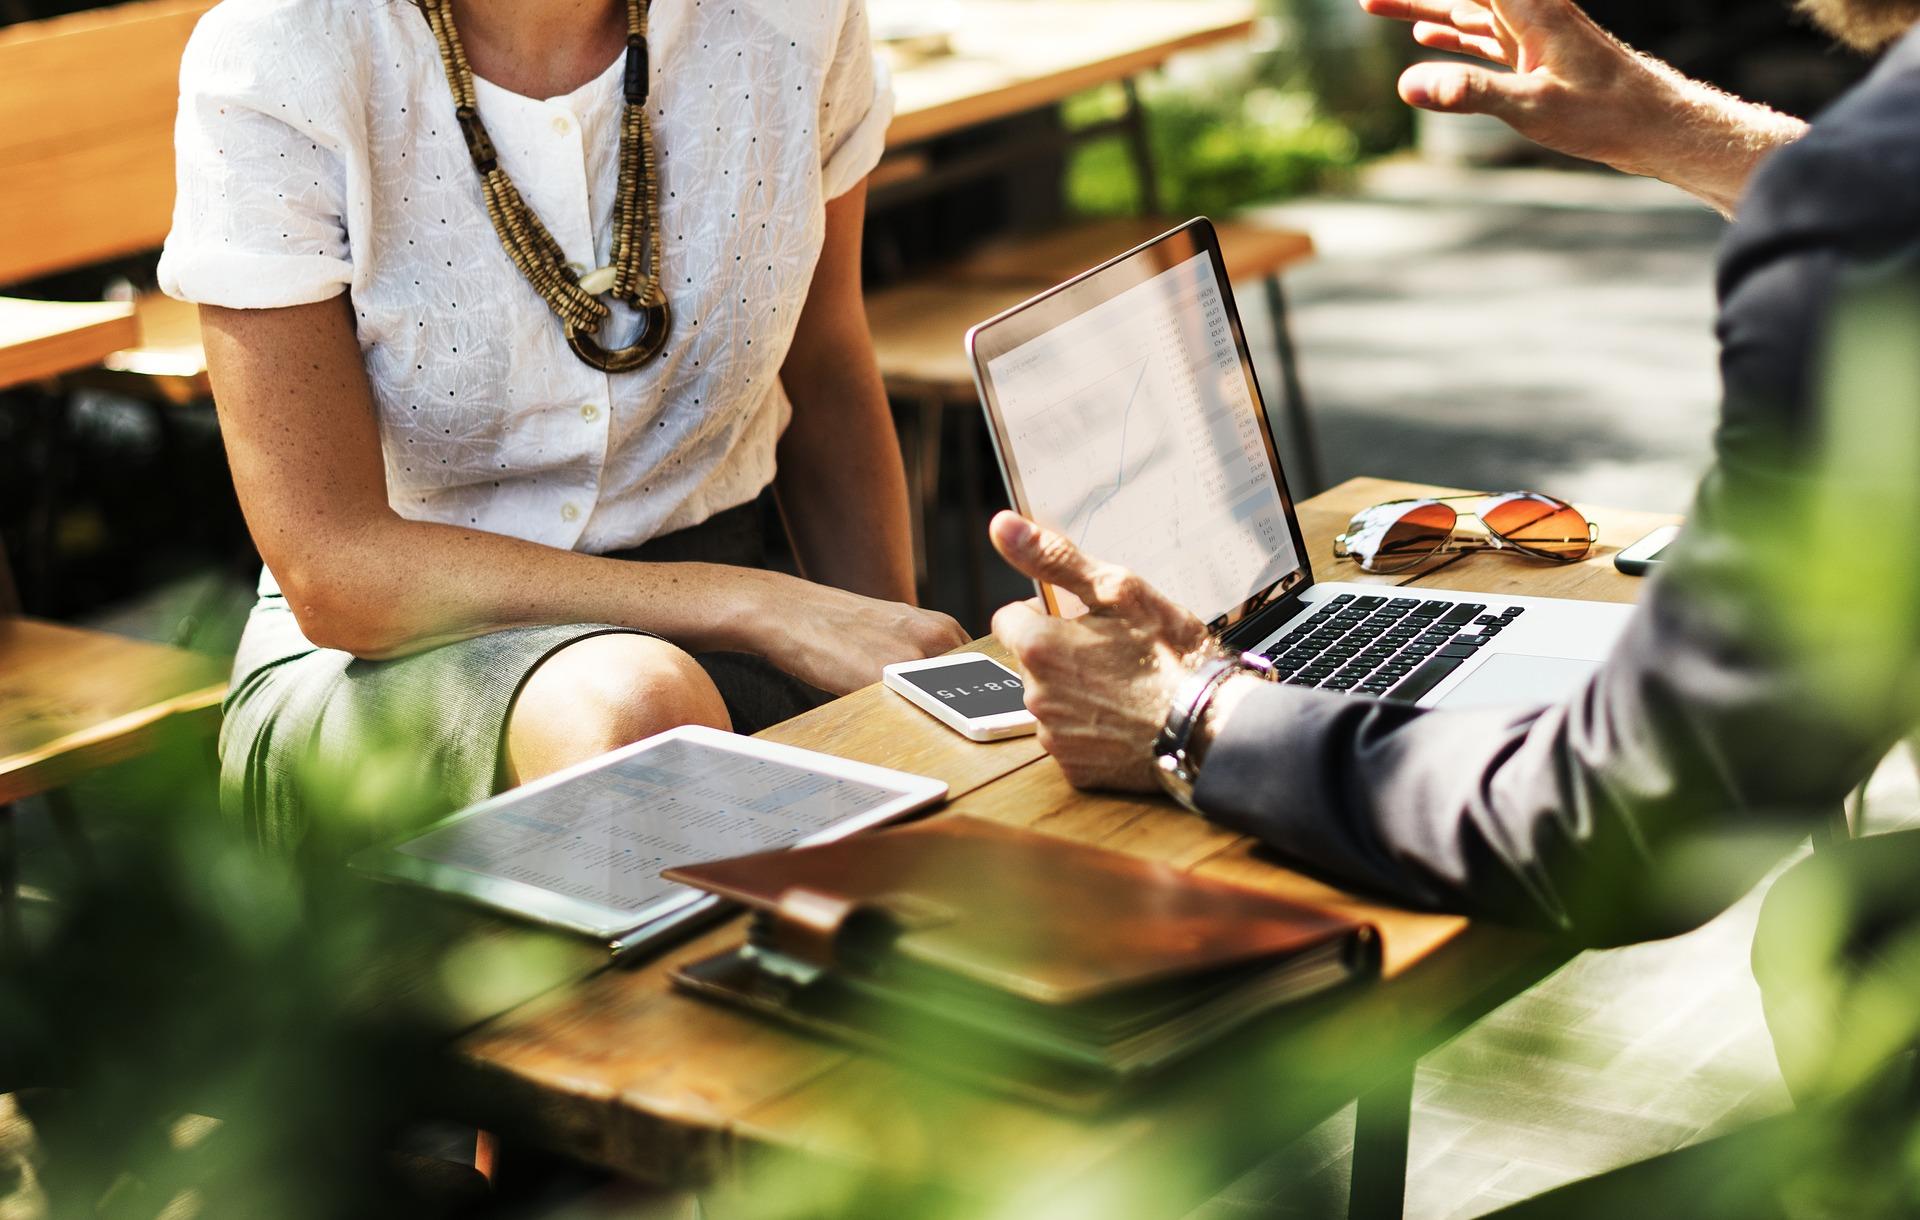 sastanak knjigovođe i klijenta